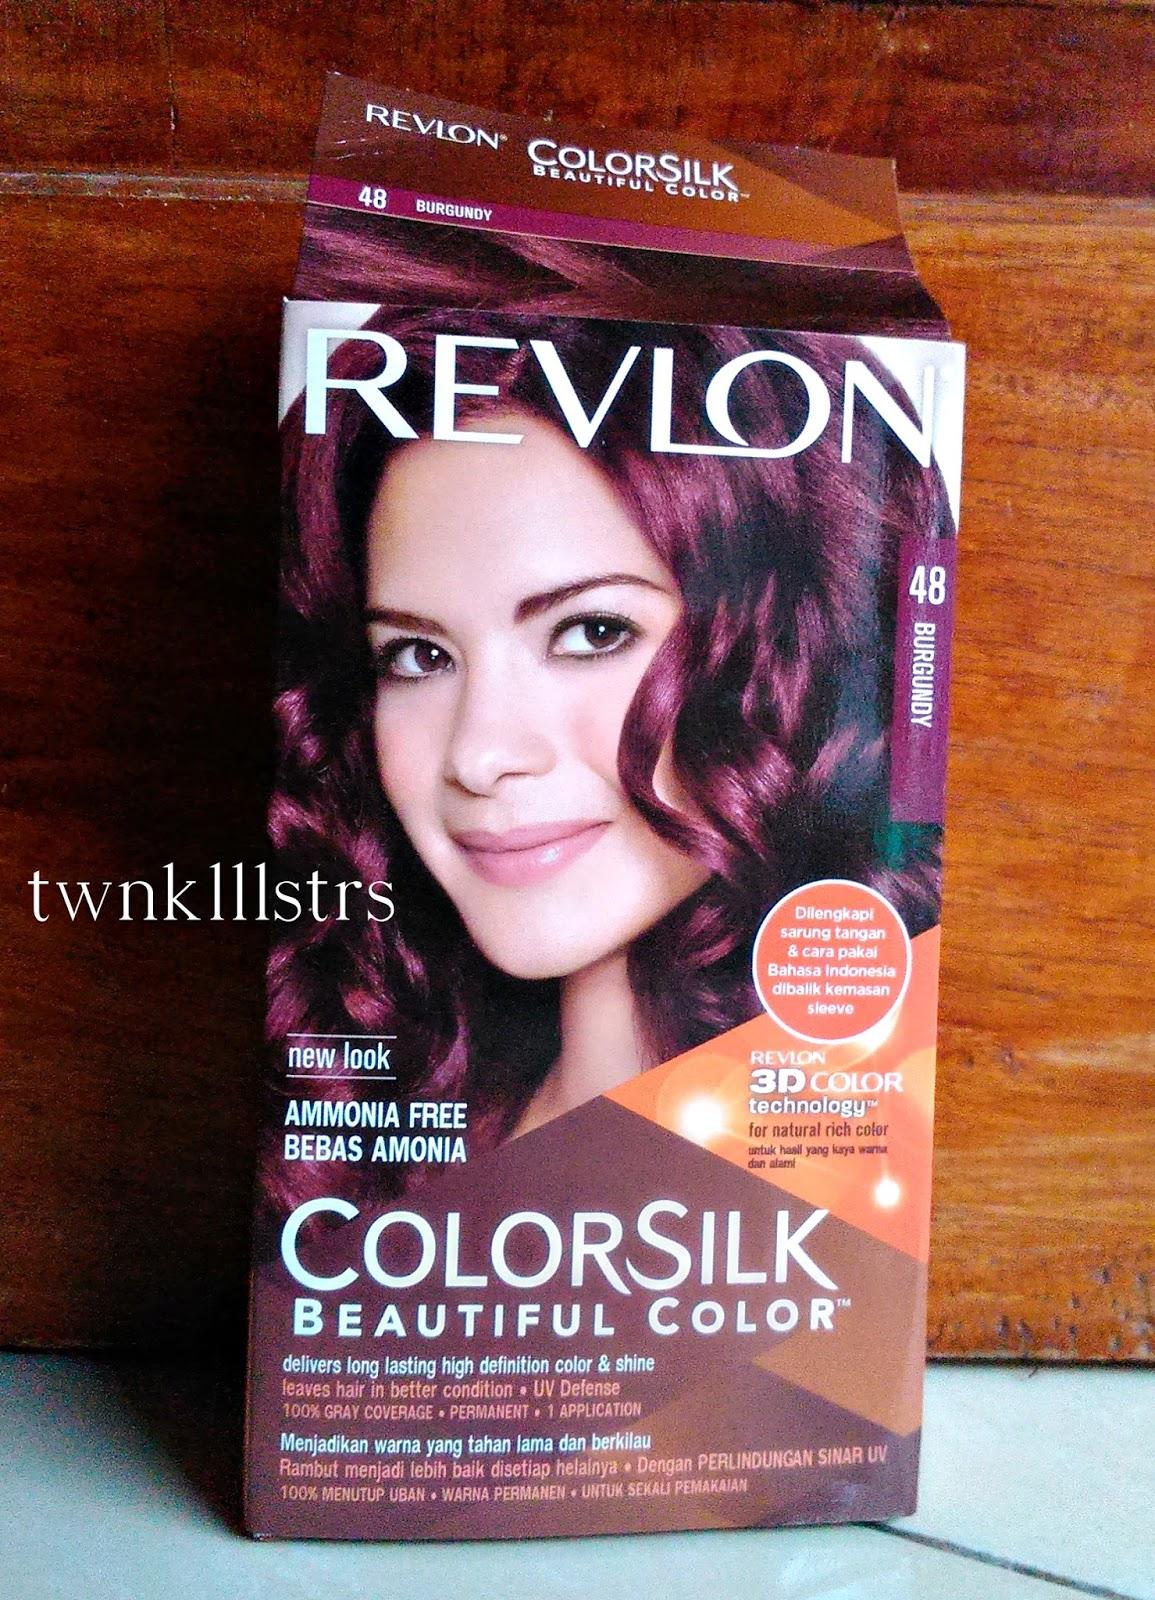 Revlon Colorsilk No 48 Burgundy Hair Color Review Fuji Astyanis Blog